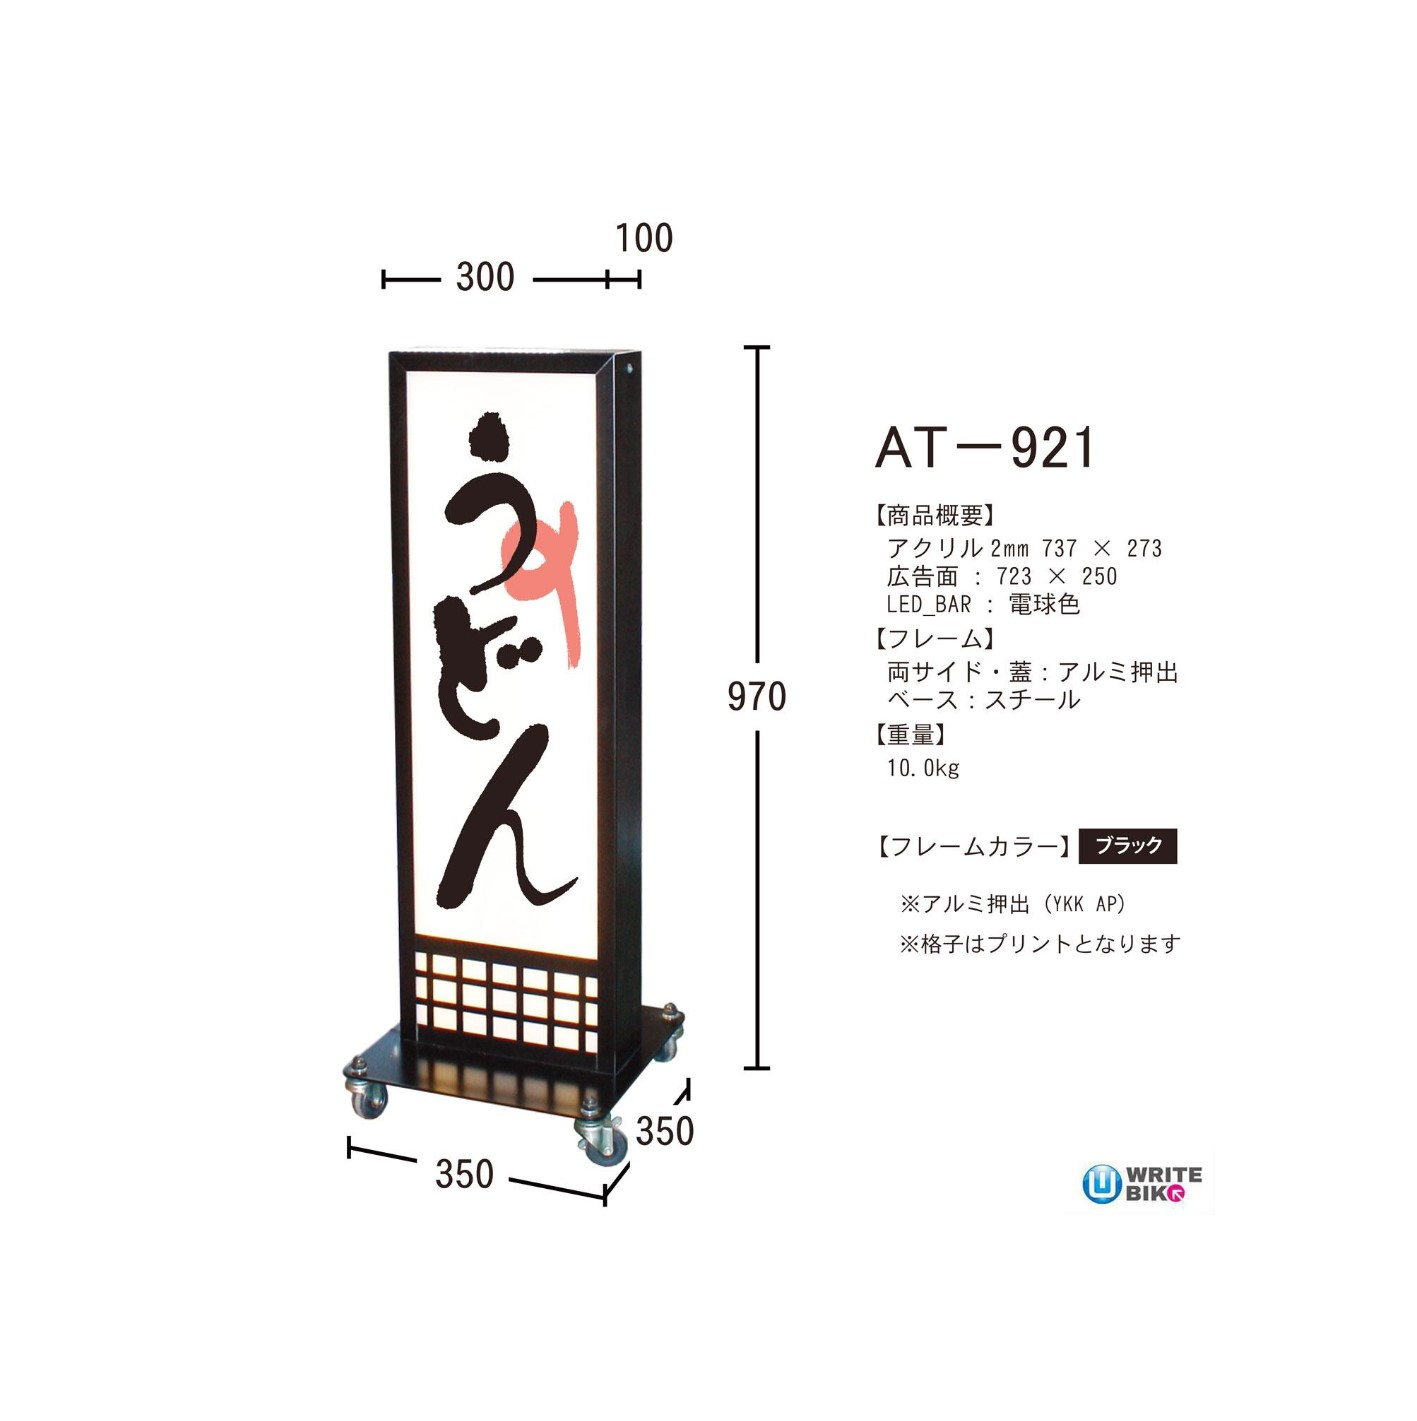 和風スタンドサインのAT-921